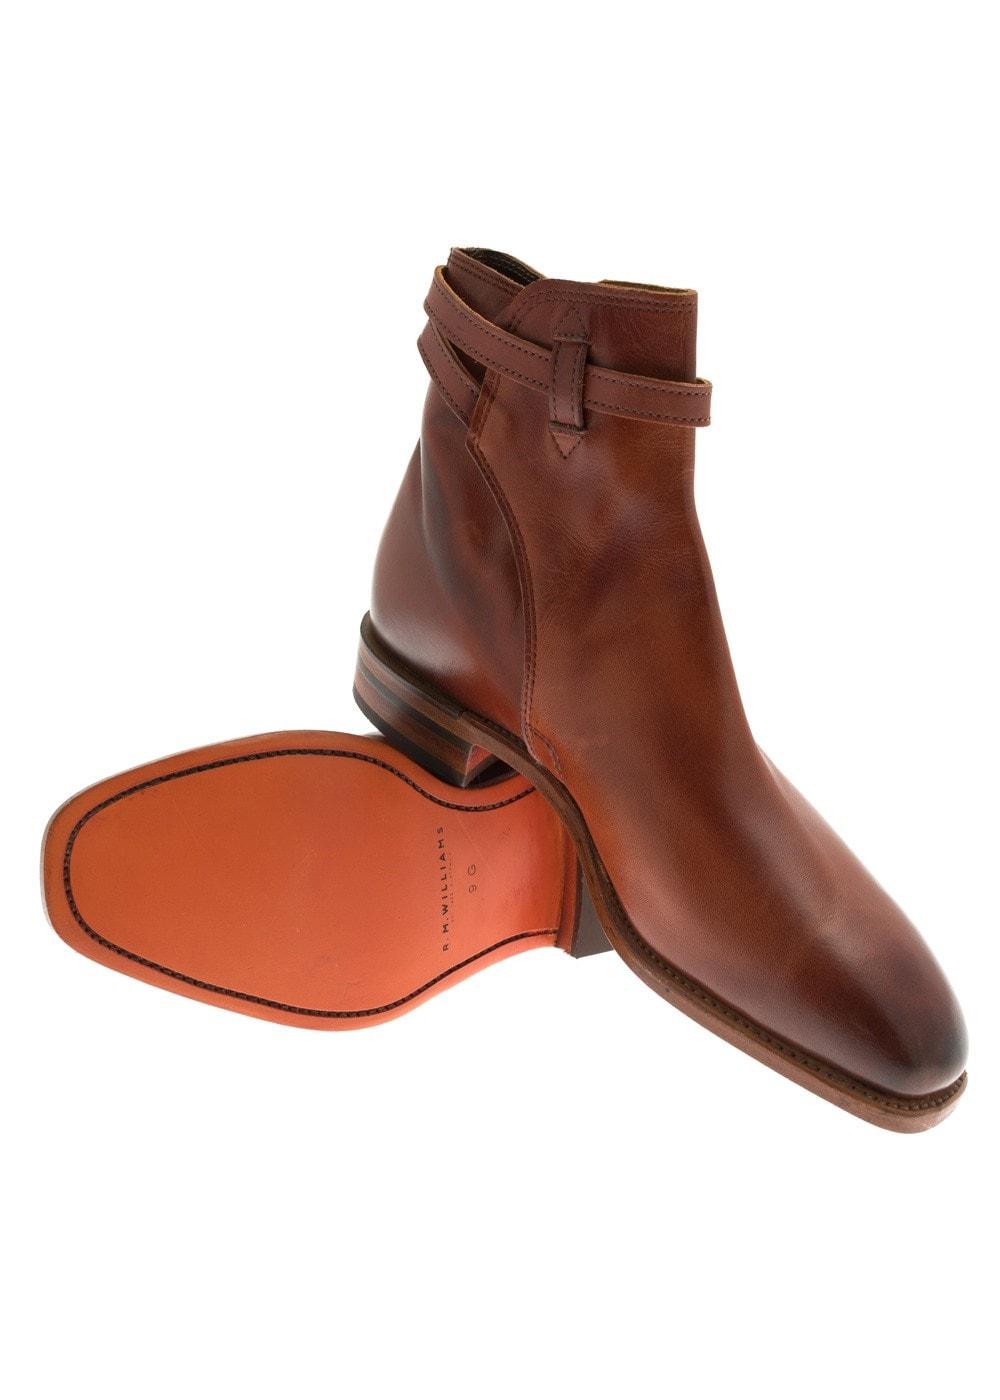 14daa22ff30 Stockman Buckle Boots